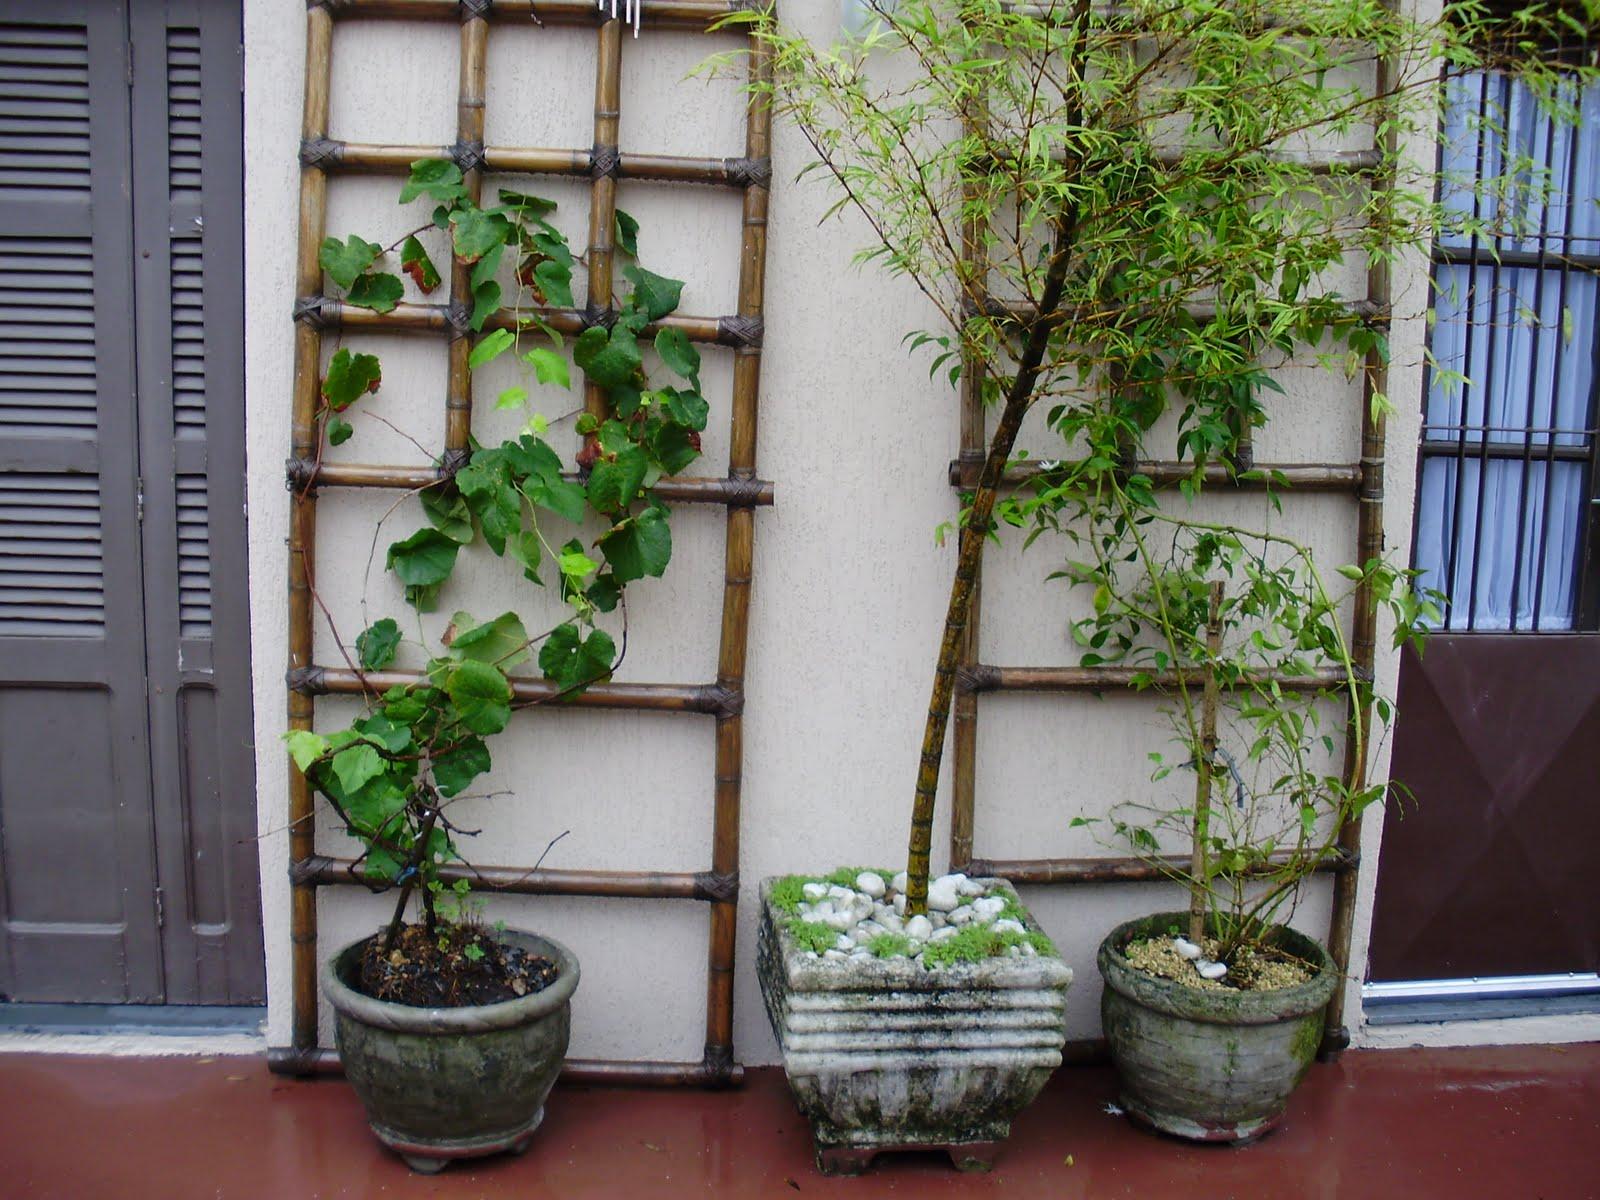 artesanato no jardim : artesanato no jardim: tudo por ali quando está florido) e no meio, um bambú mossó